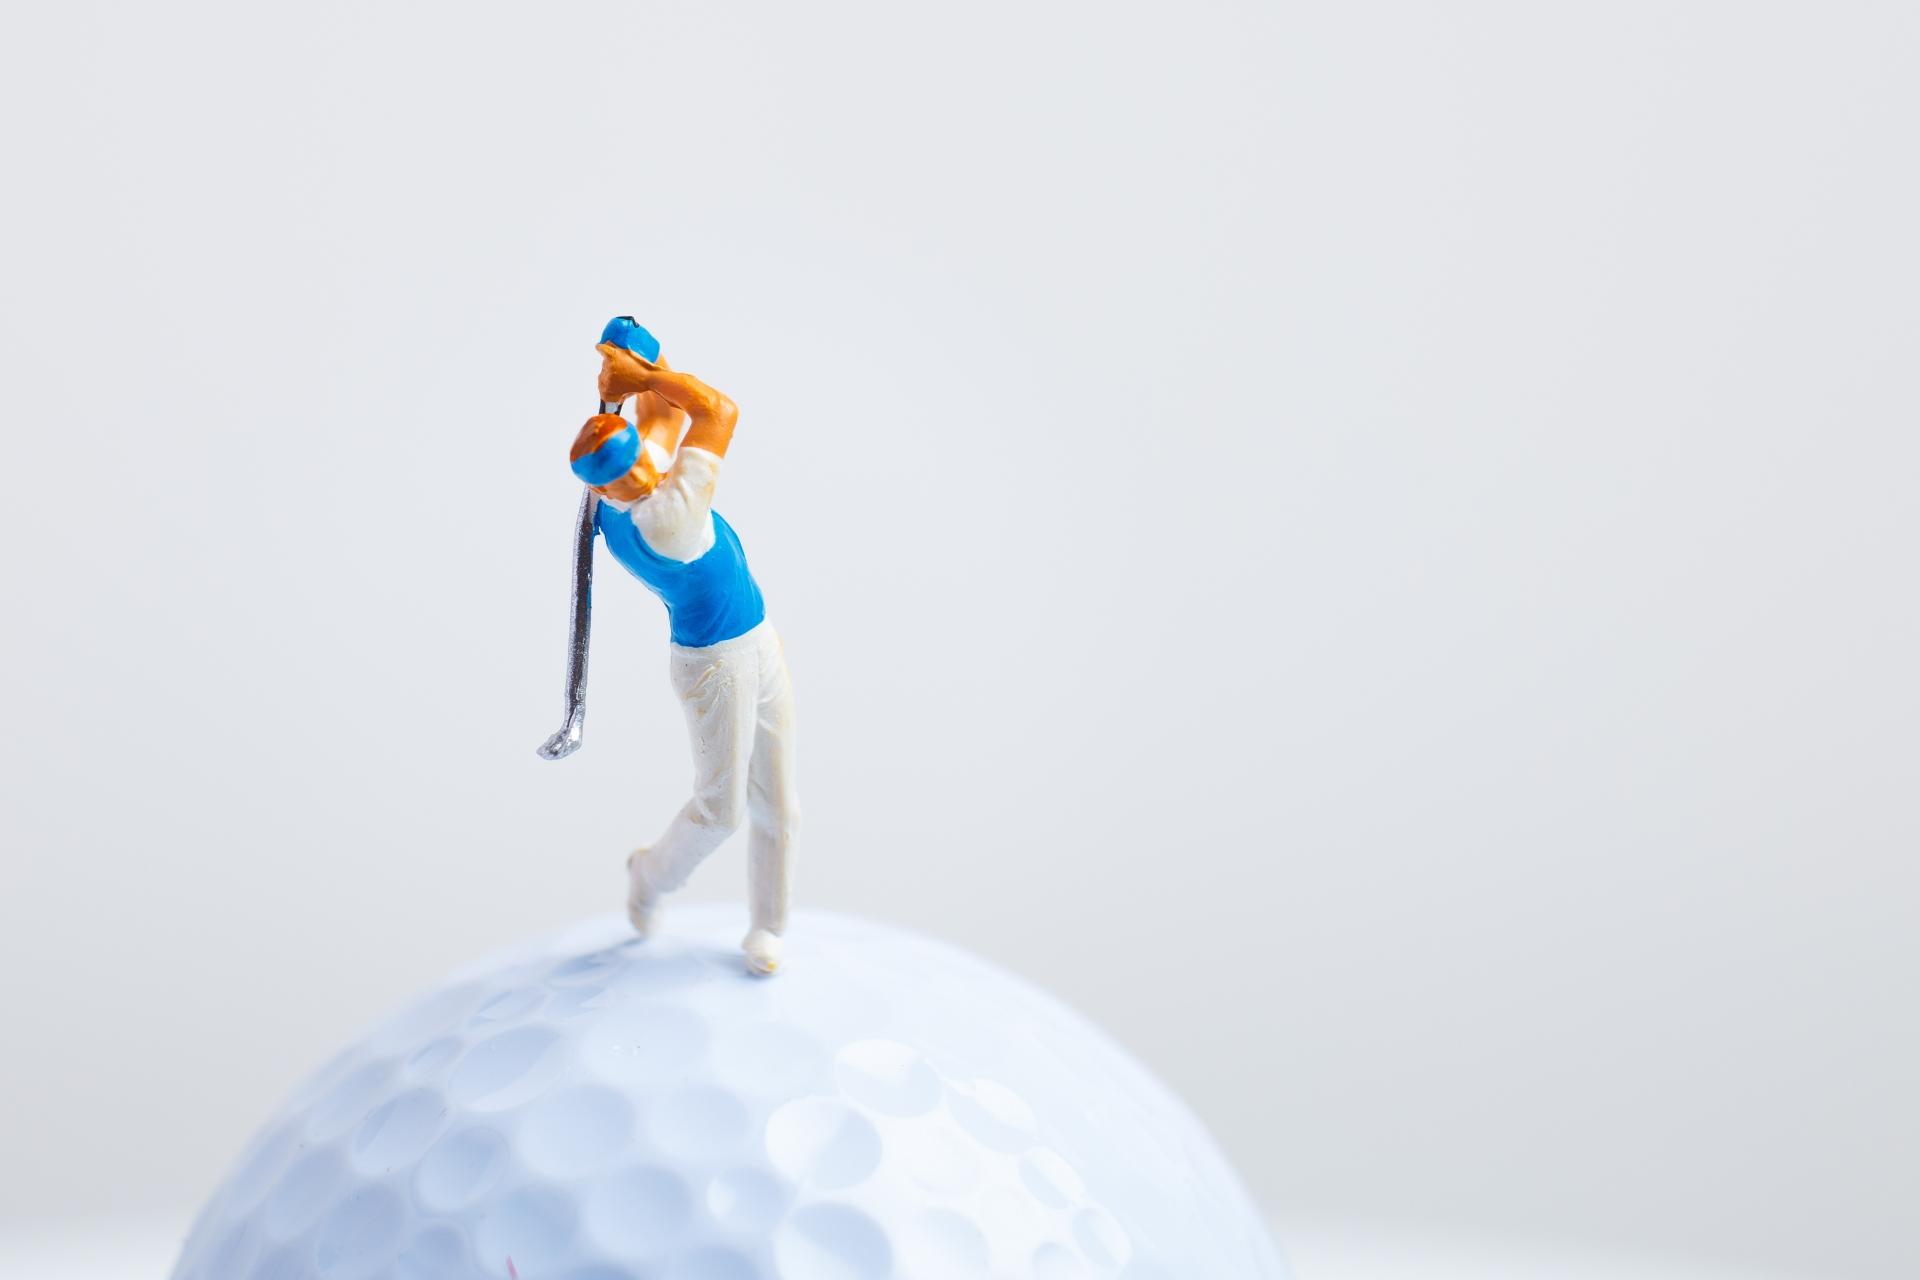 ゴルフトーナメントの観戦時間は何時から何時まで?初めて観戦する方へ